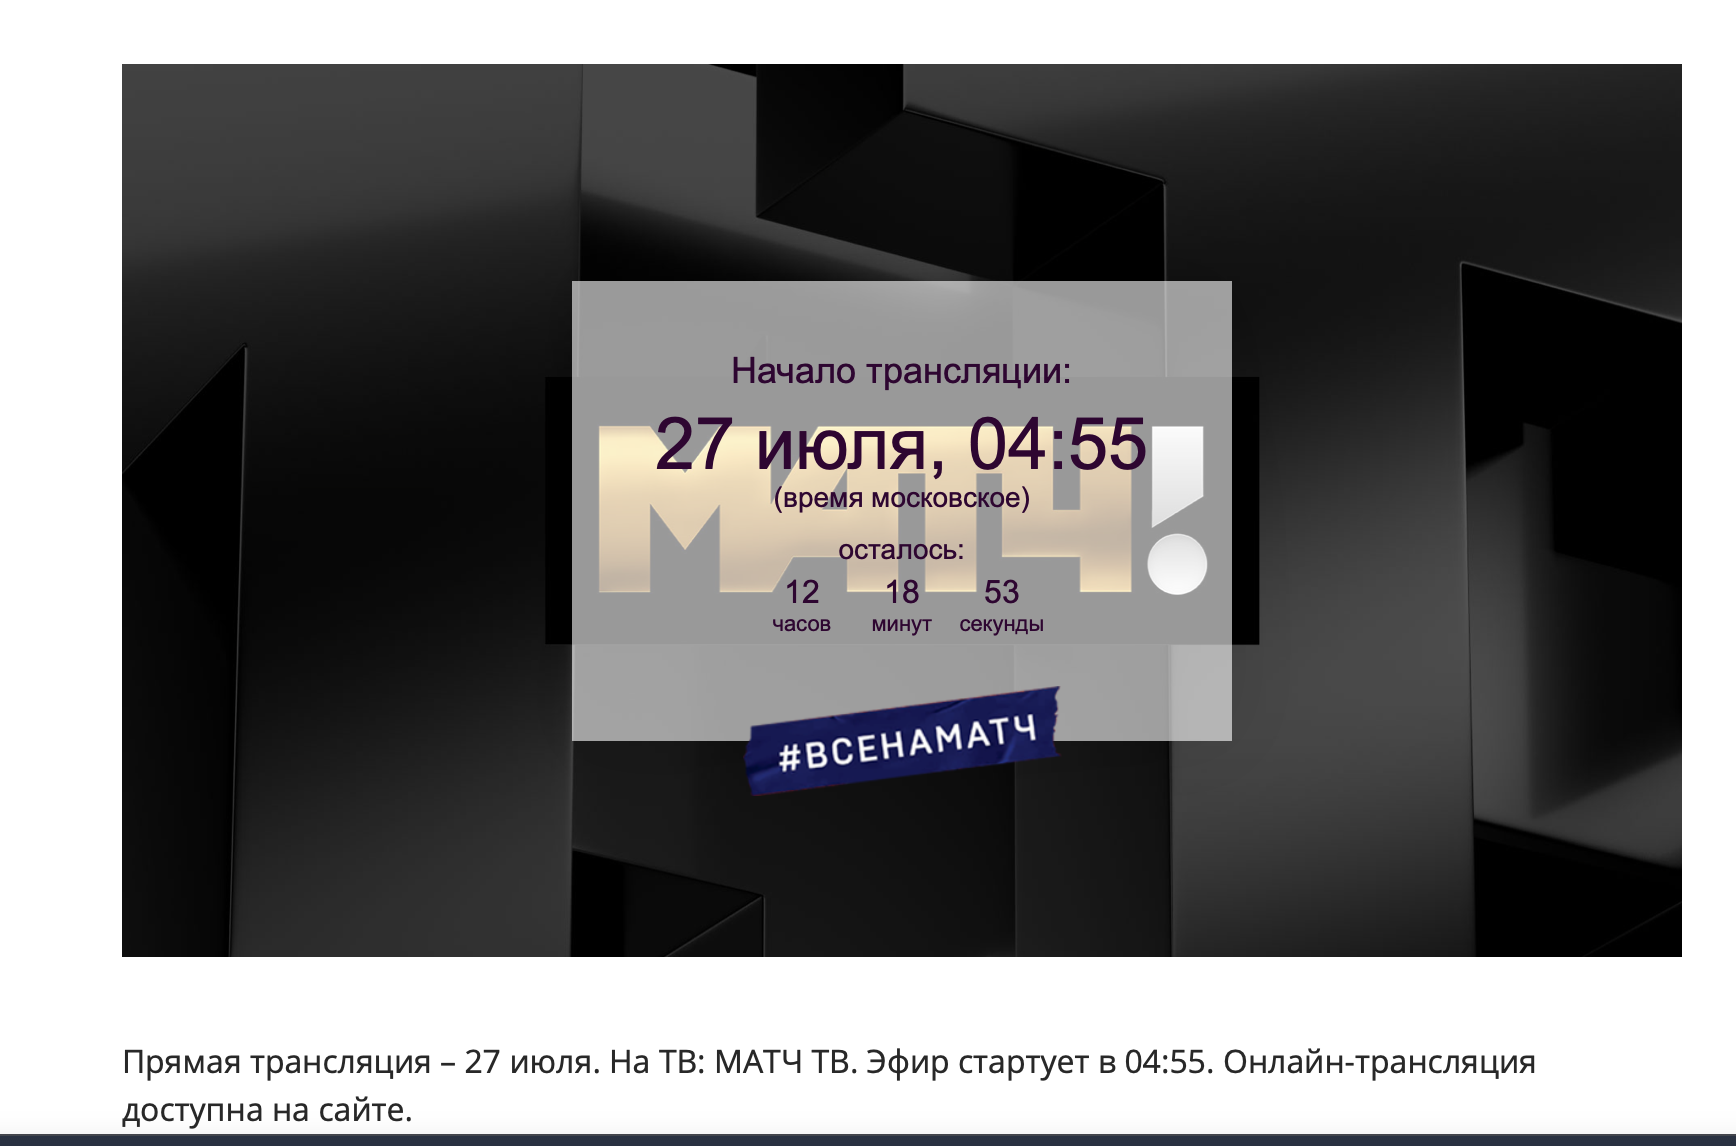 МОК запретил ОРТ транслировать в Крыму игры XXXII Олимпиады